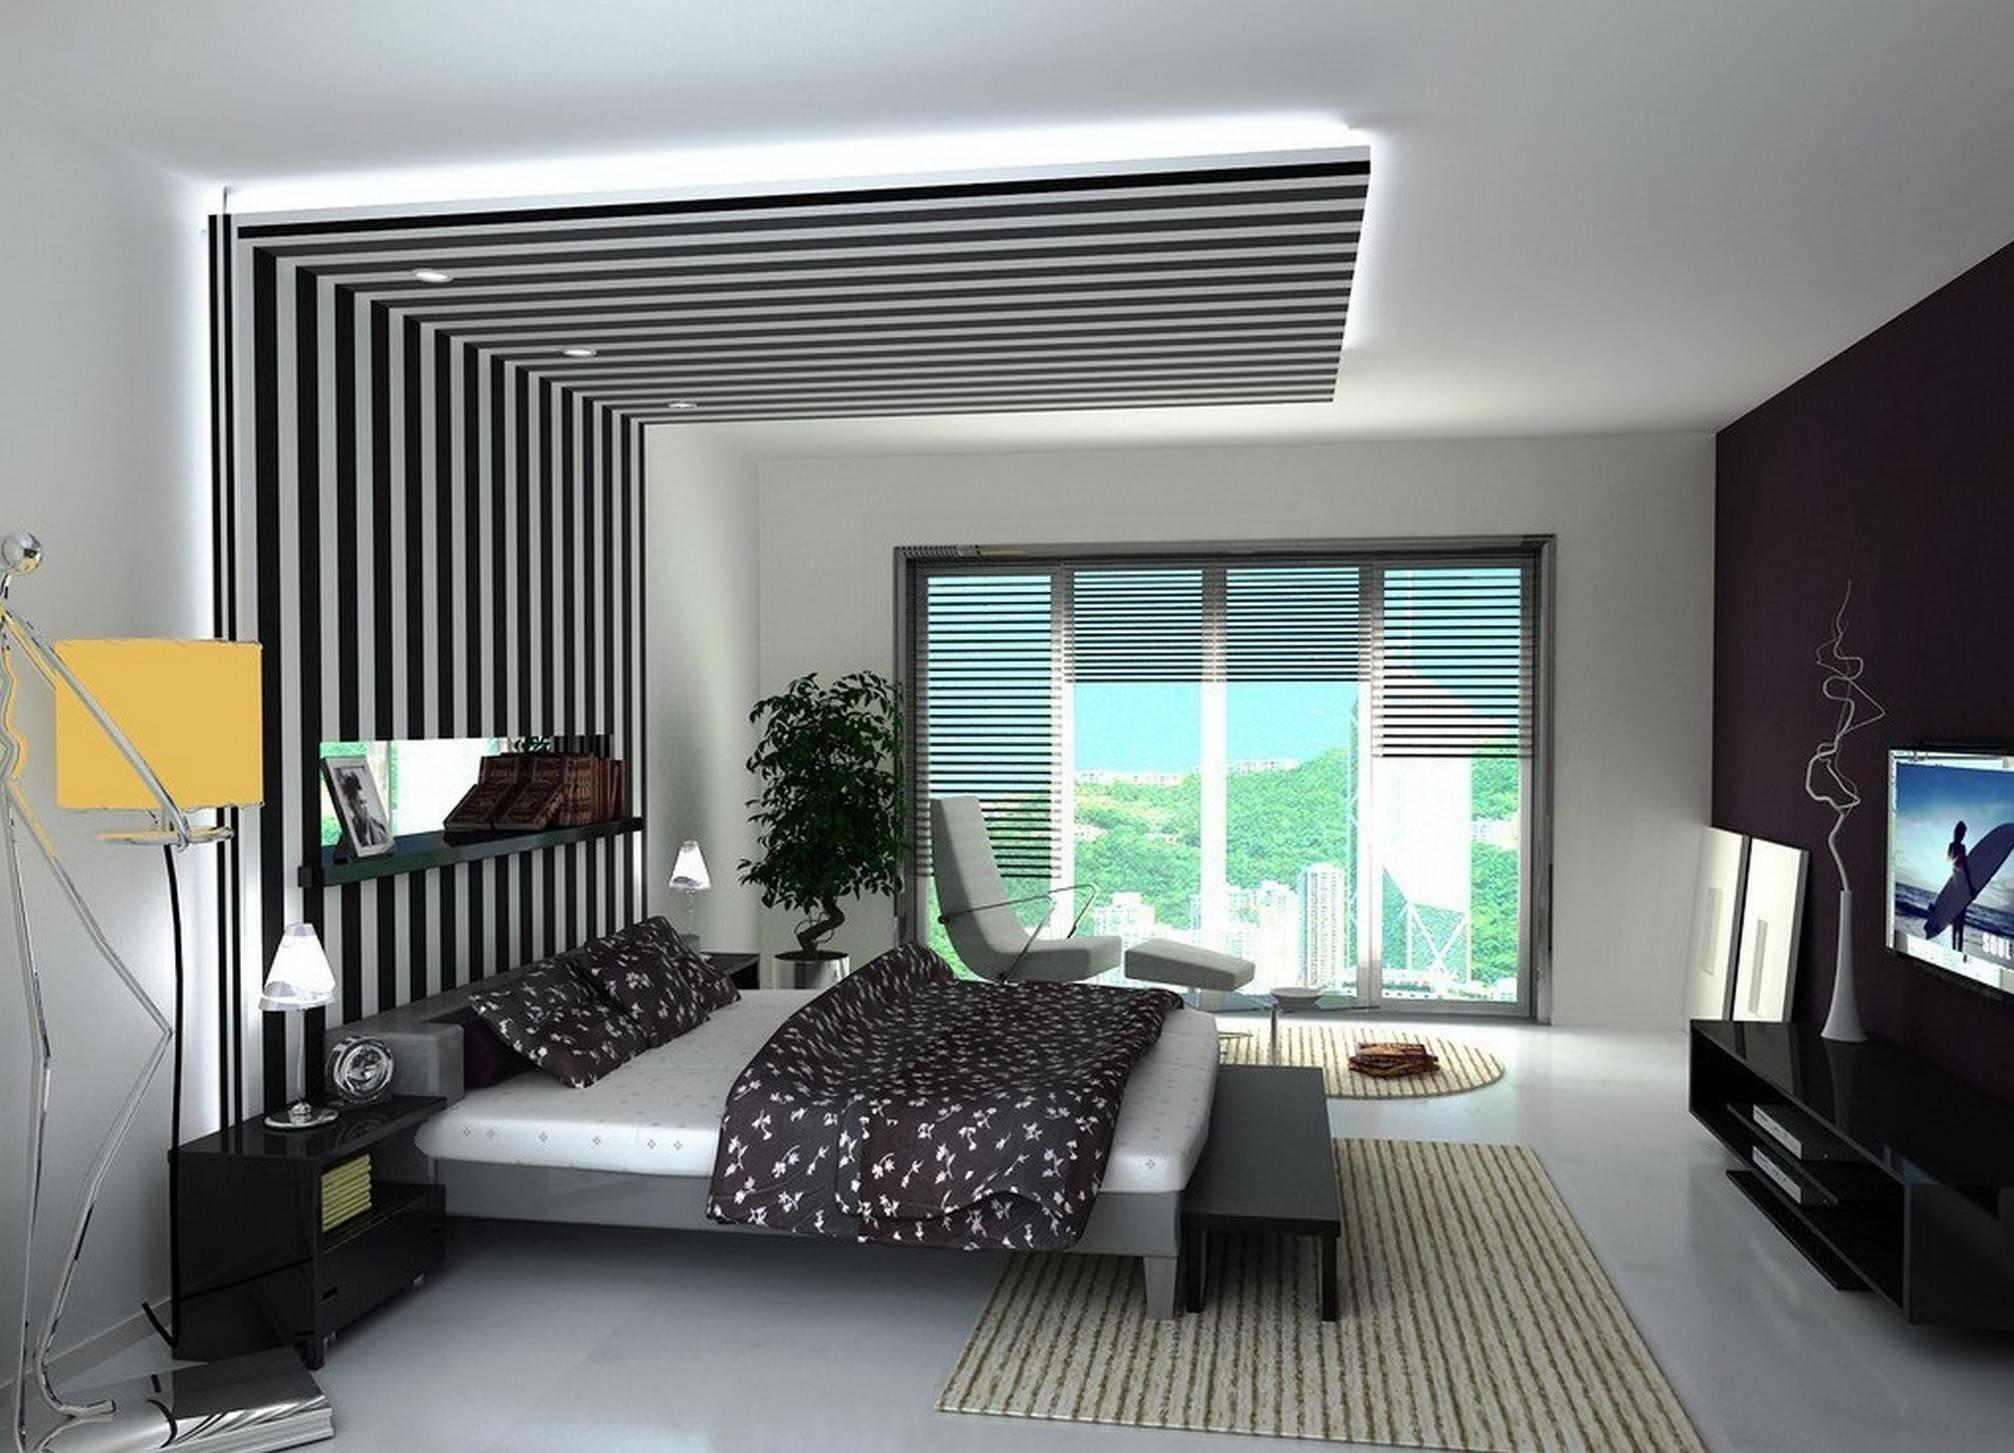 Как визуально увеличить высоту потолка в маленькой комнате